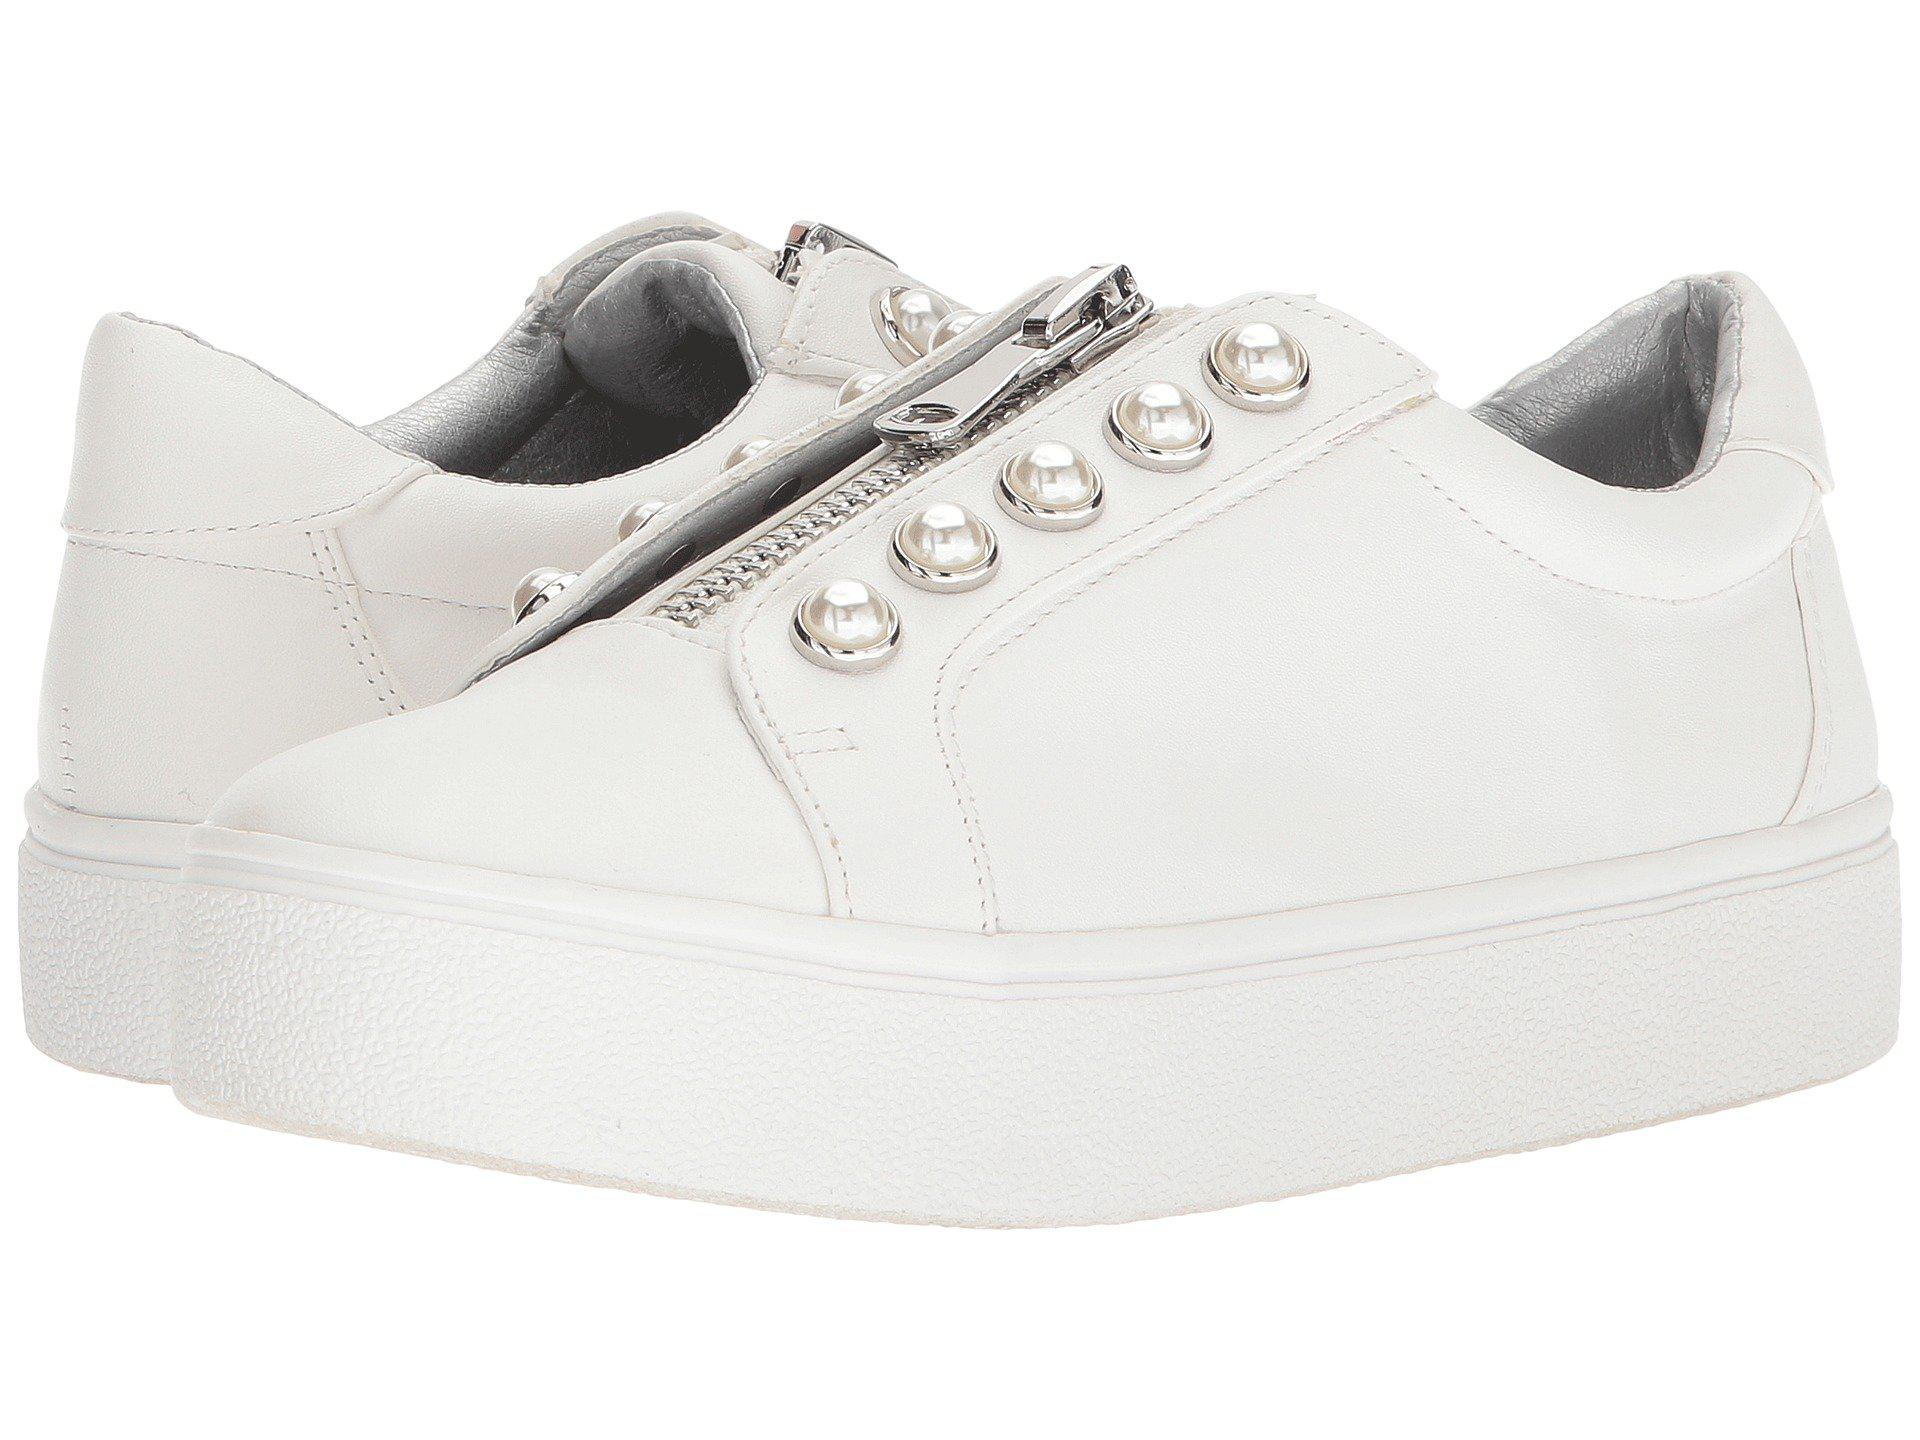 a86be97eeec Lyst - Steve Madden Lynn Sneaker in White